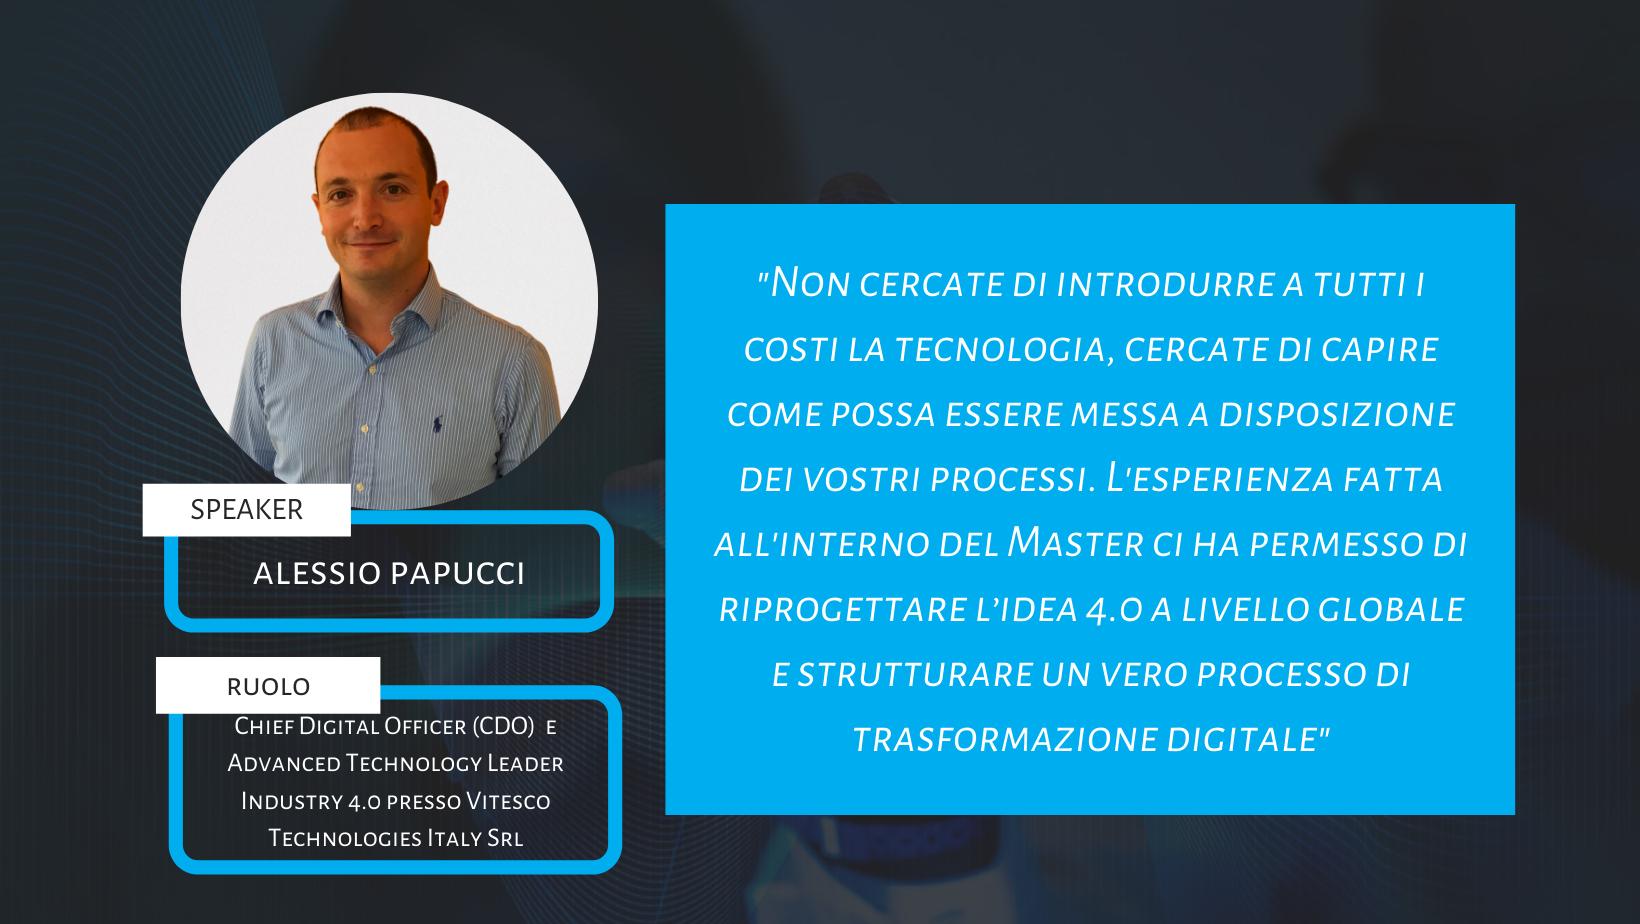 Use Case #3 – Vitesco Technologies Italy Smart Factory: il progetto di Alessio Papucci